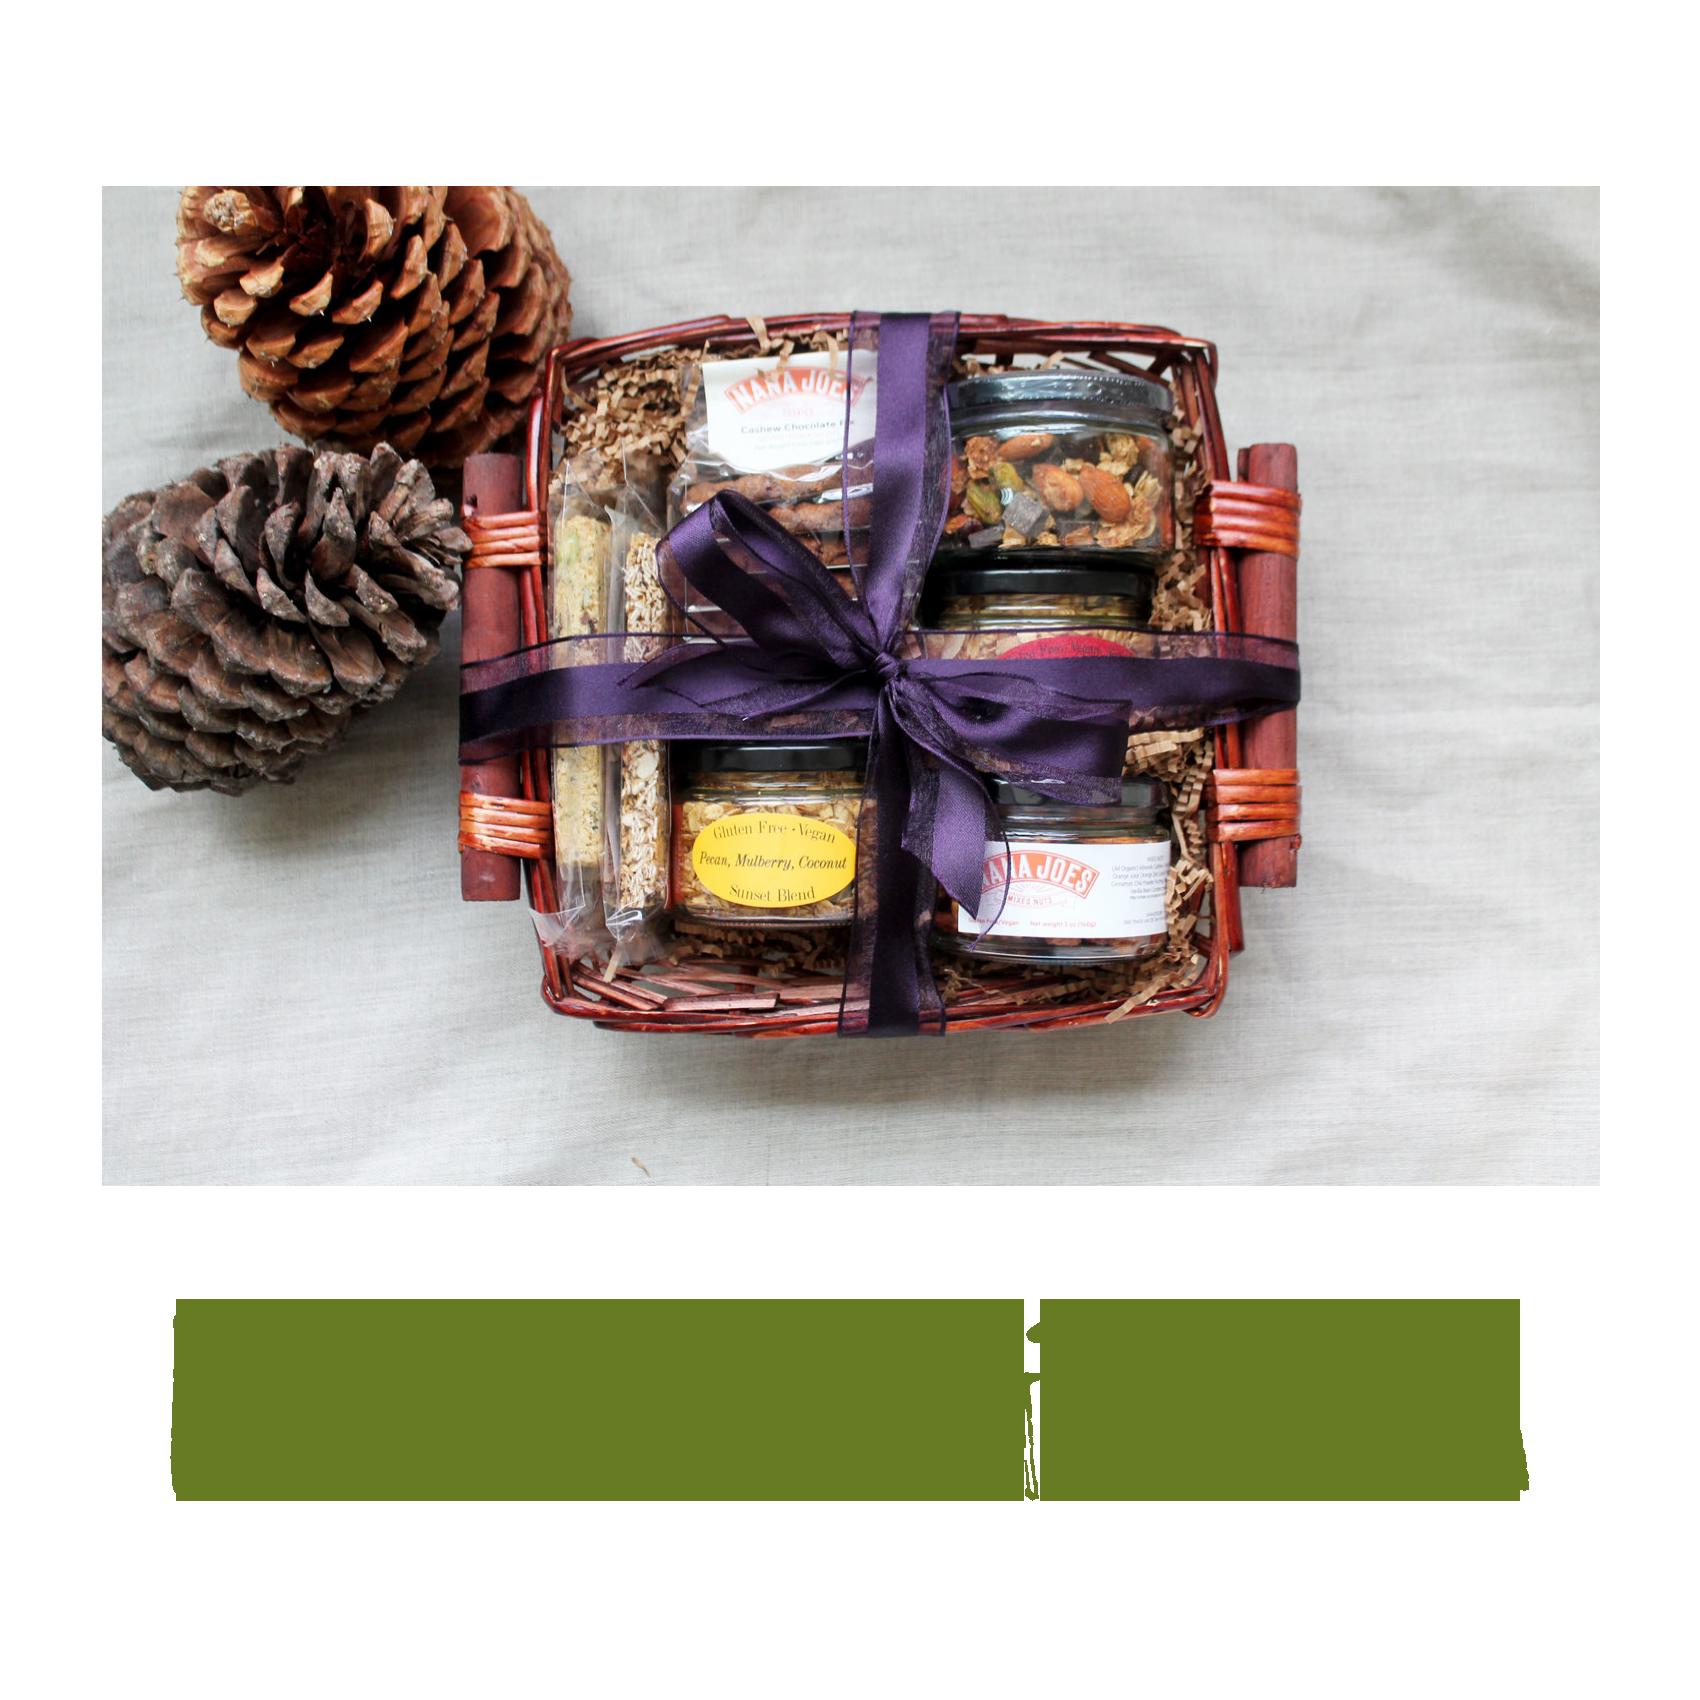 Nana Joes Granola